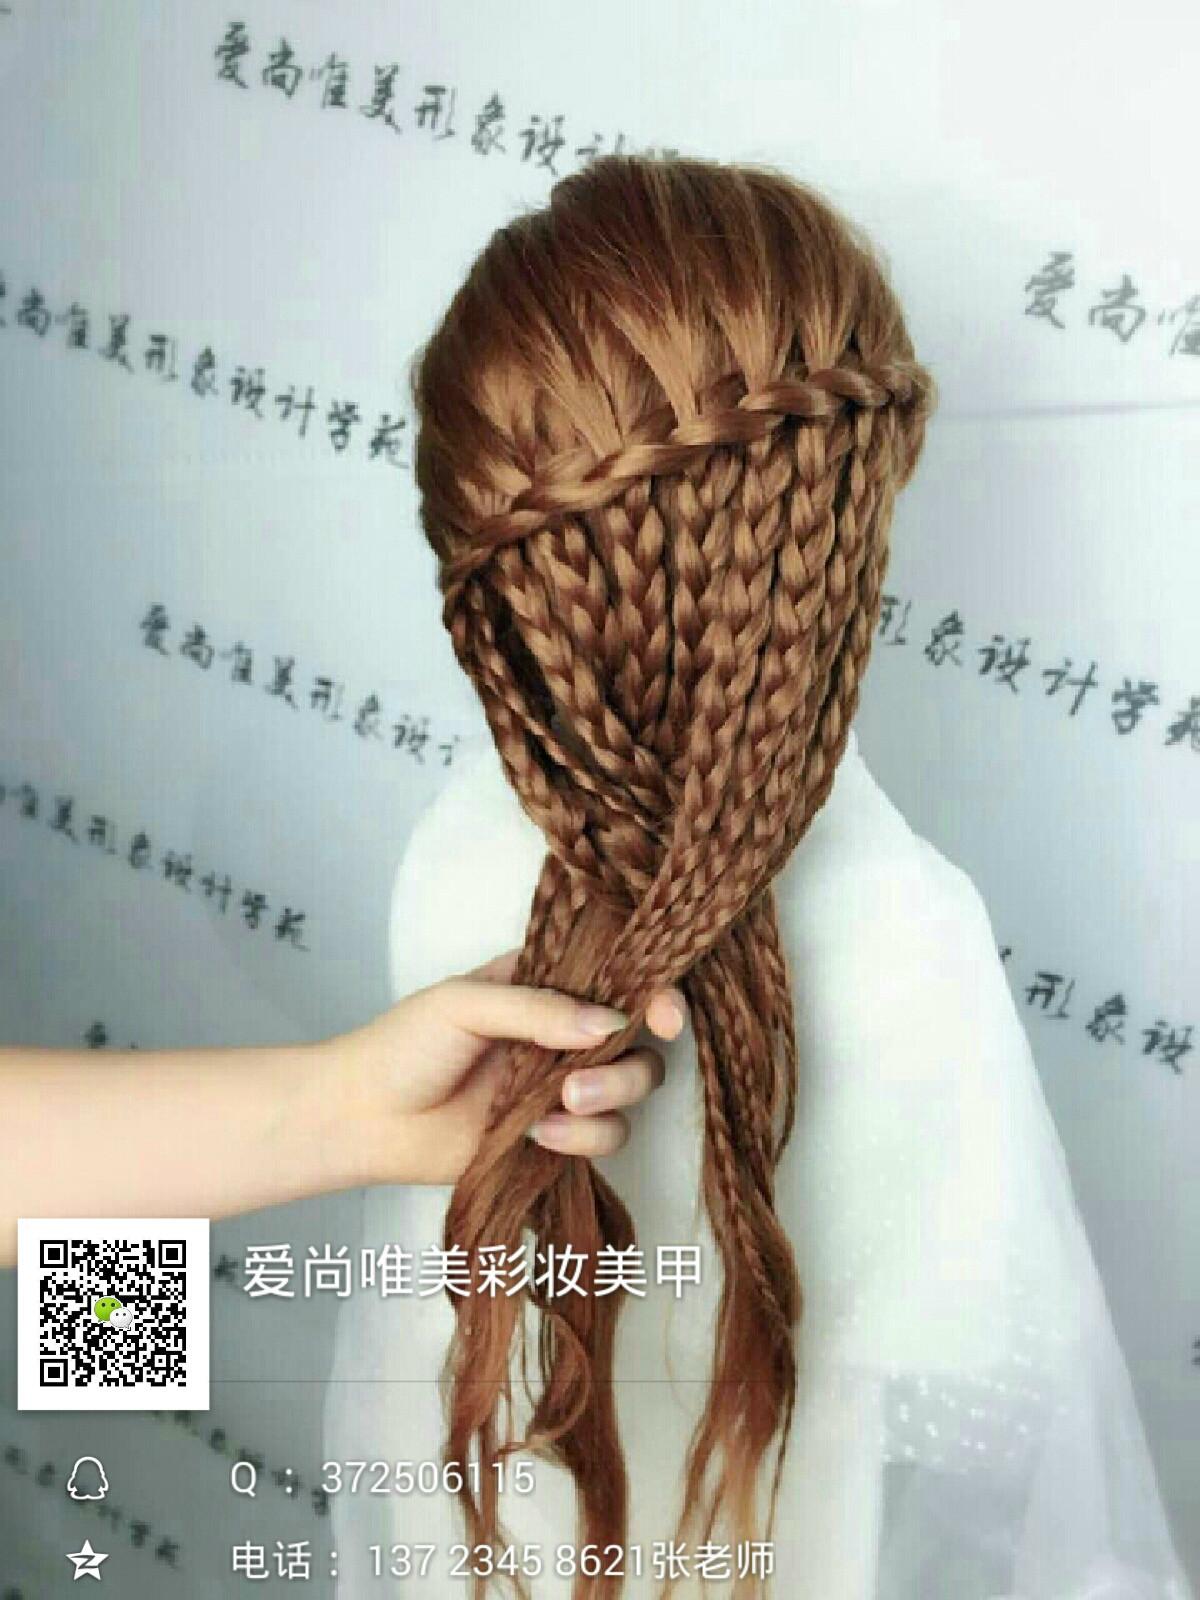 4,第四步把半披的头发分为三股 , 以相同的手法往下编 .